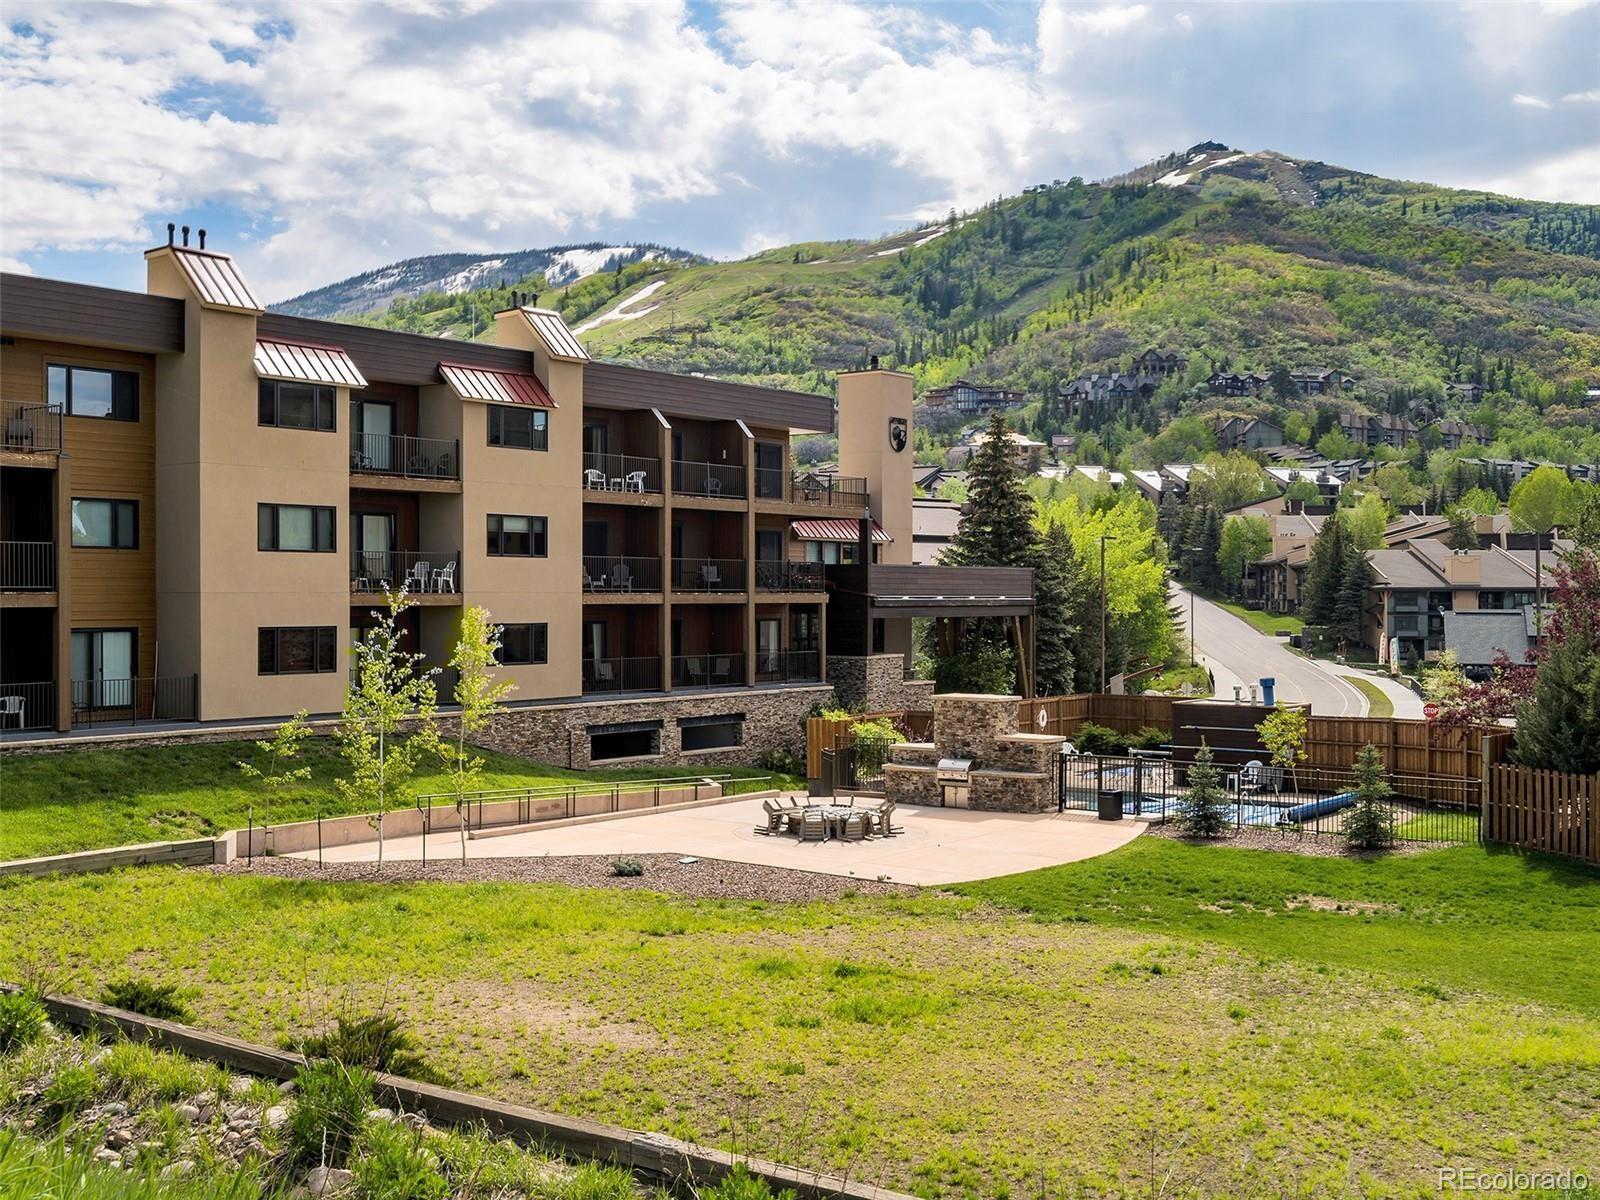 MLS# 1660420 - 14 - 2200 Apres Ski Way #110, Steamboat Springs, CO 80487